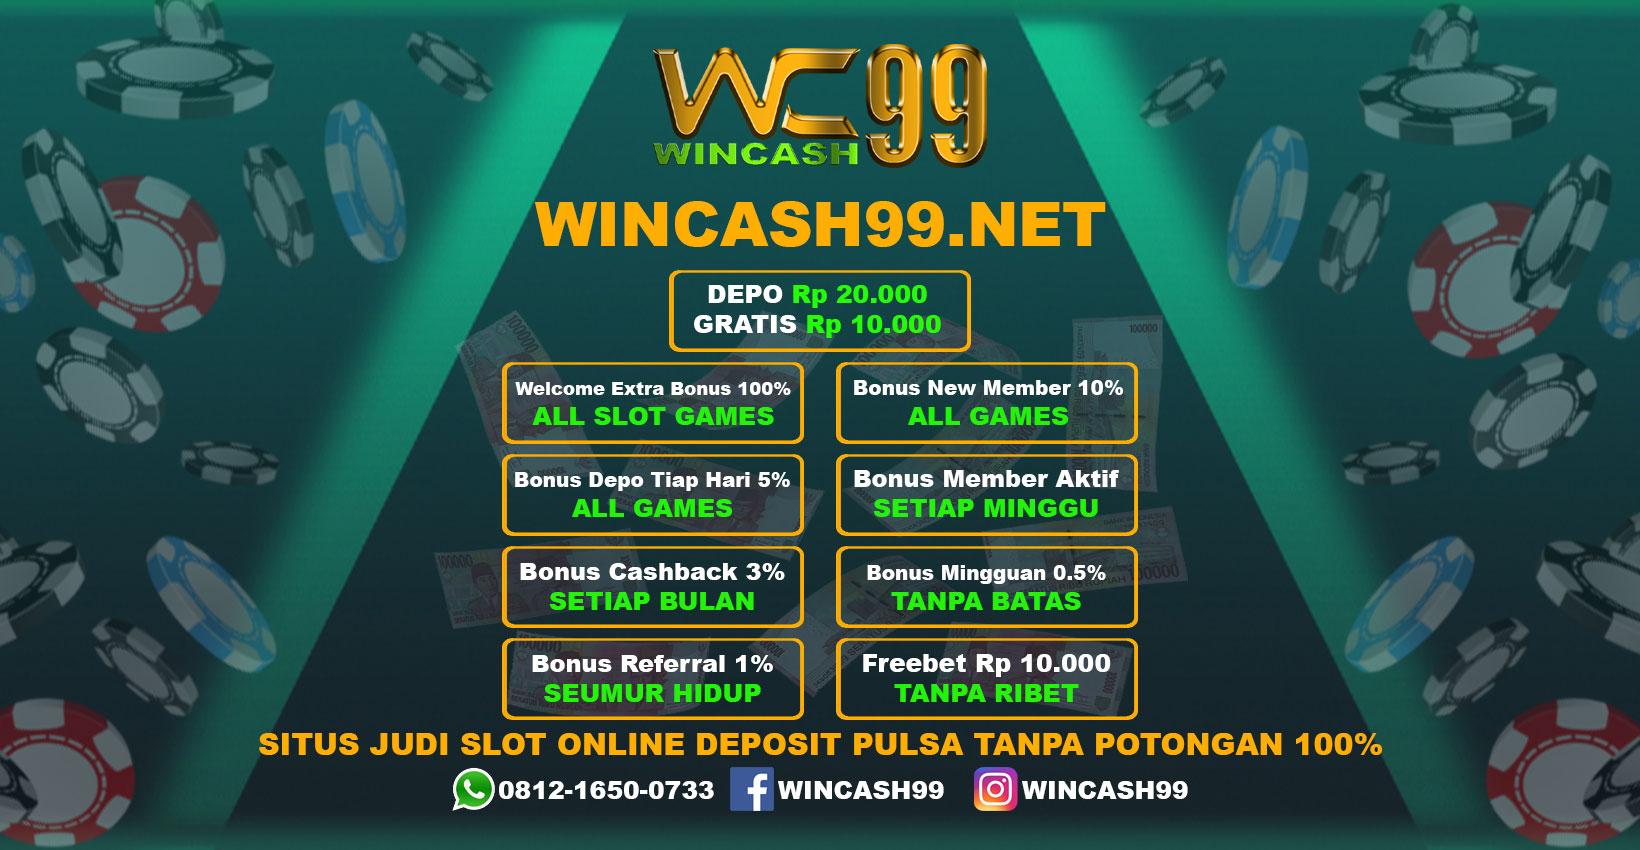 WINCASH99